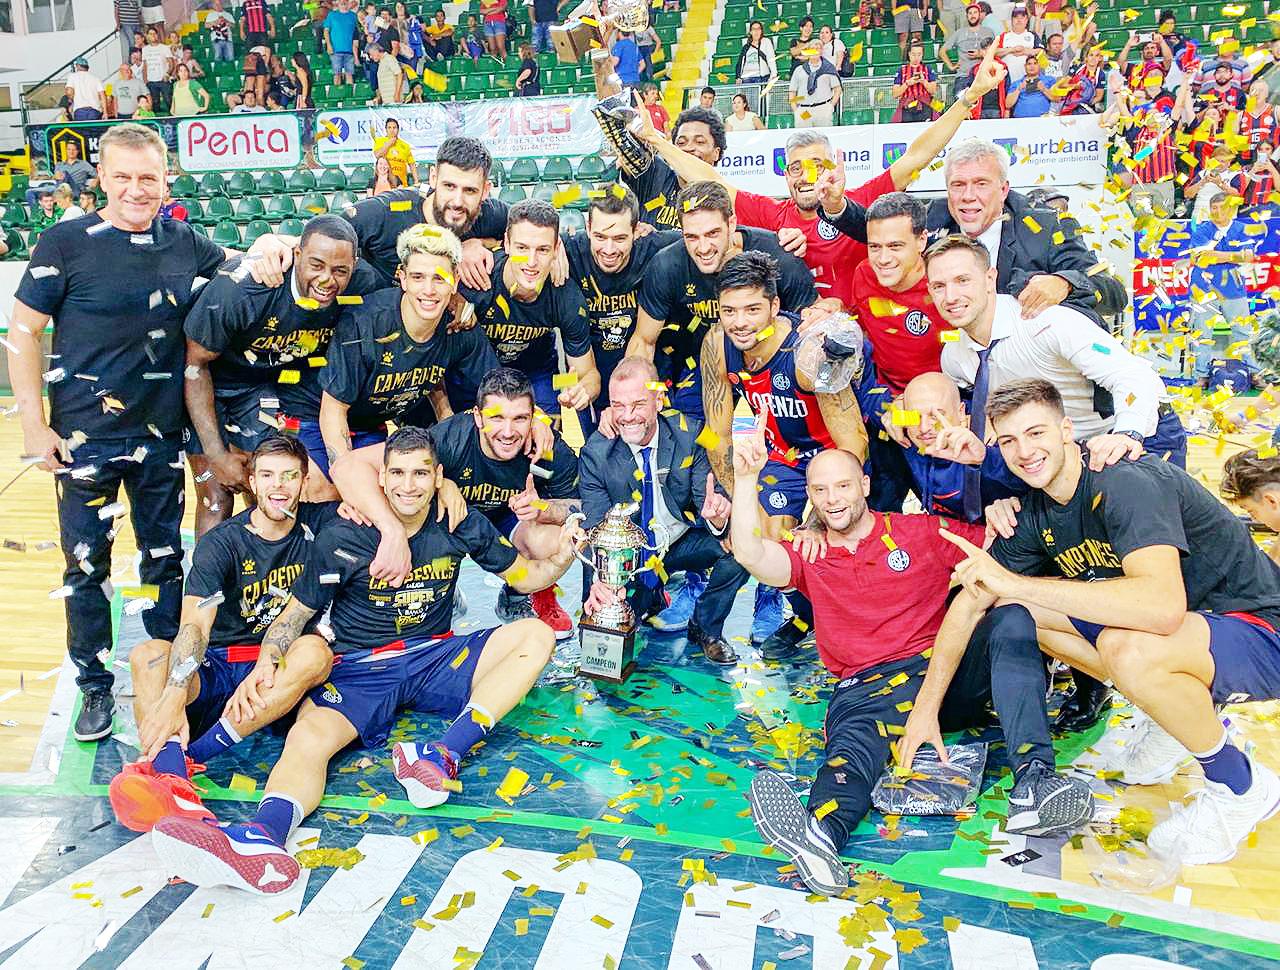 ¡San Lorenzo campeón del Súper 20!